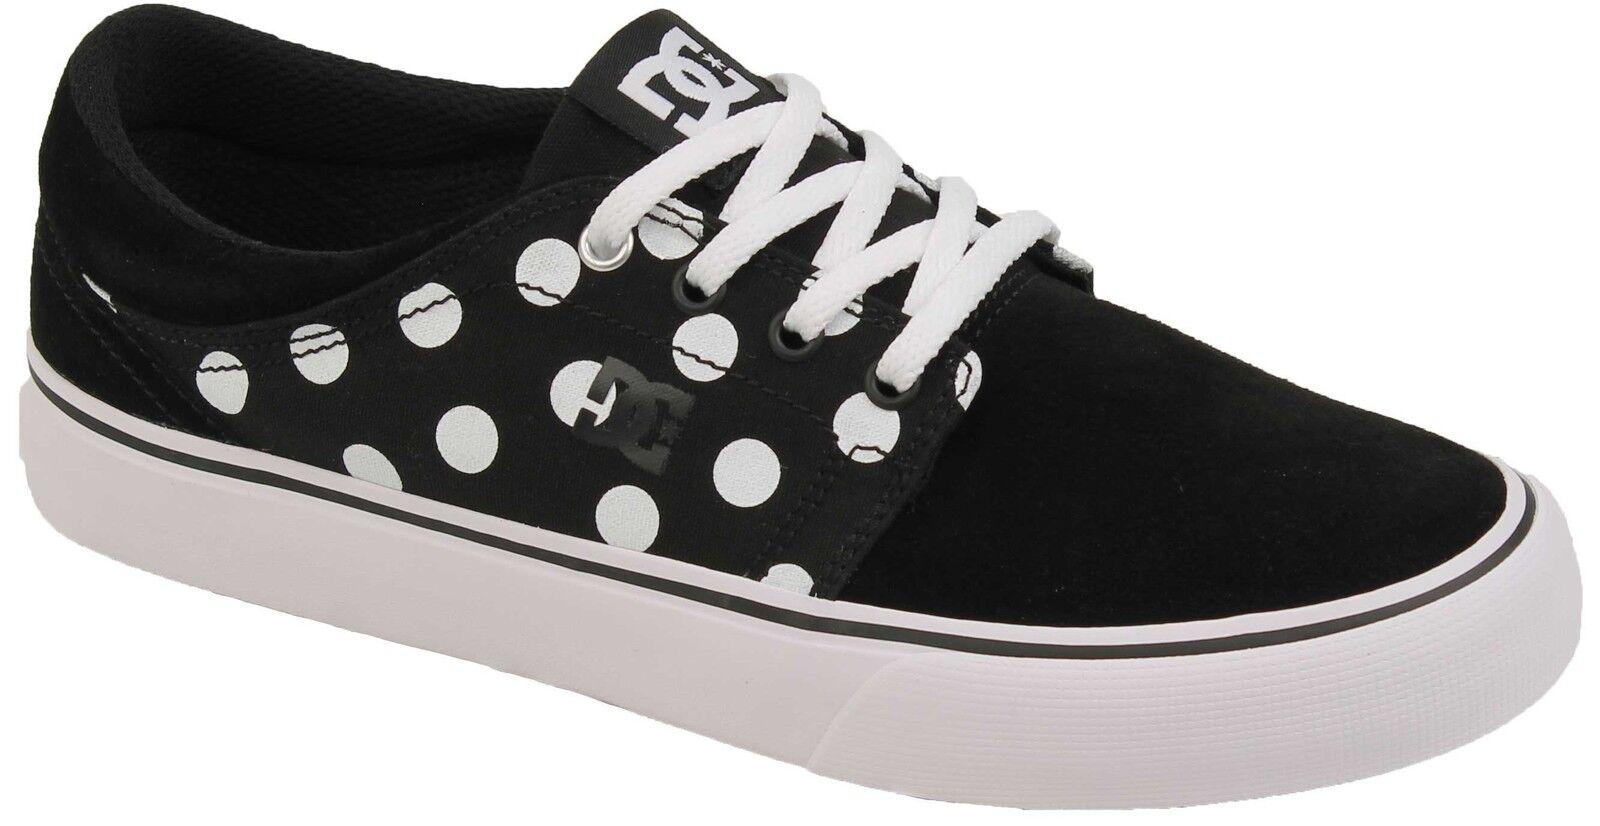 DC Women's Trase SE shoes - Black     White Print - New 10c360